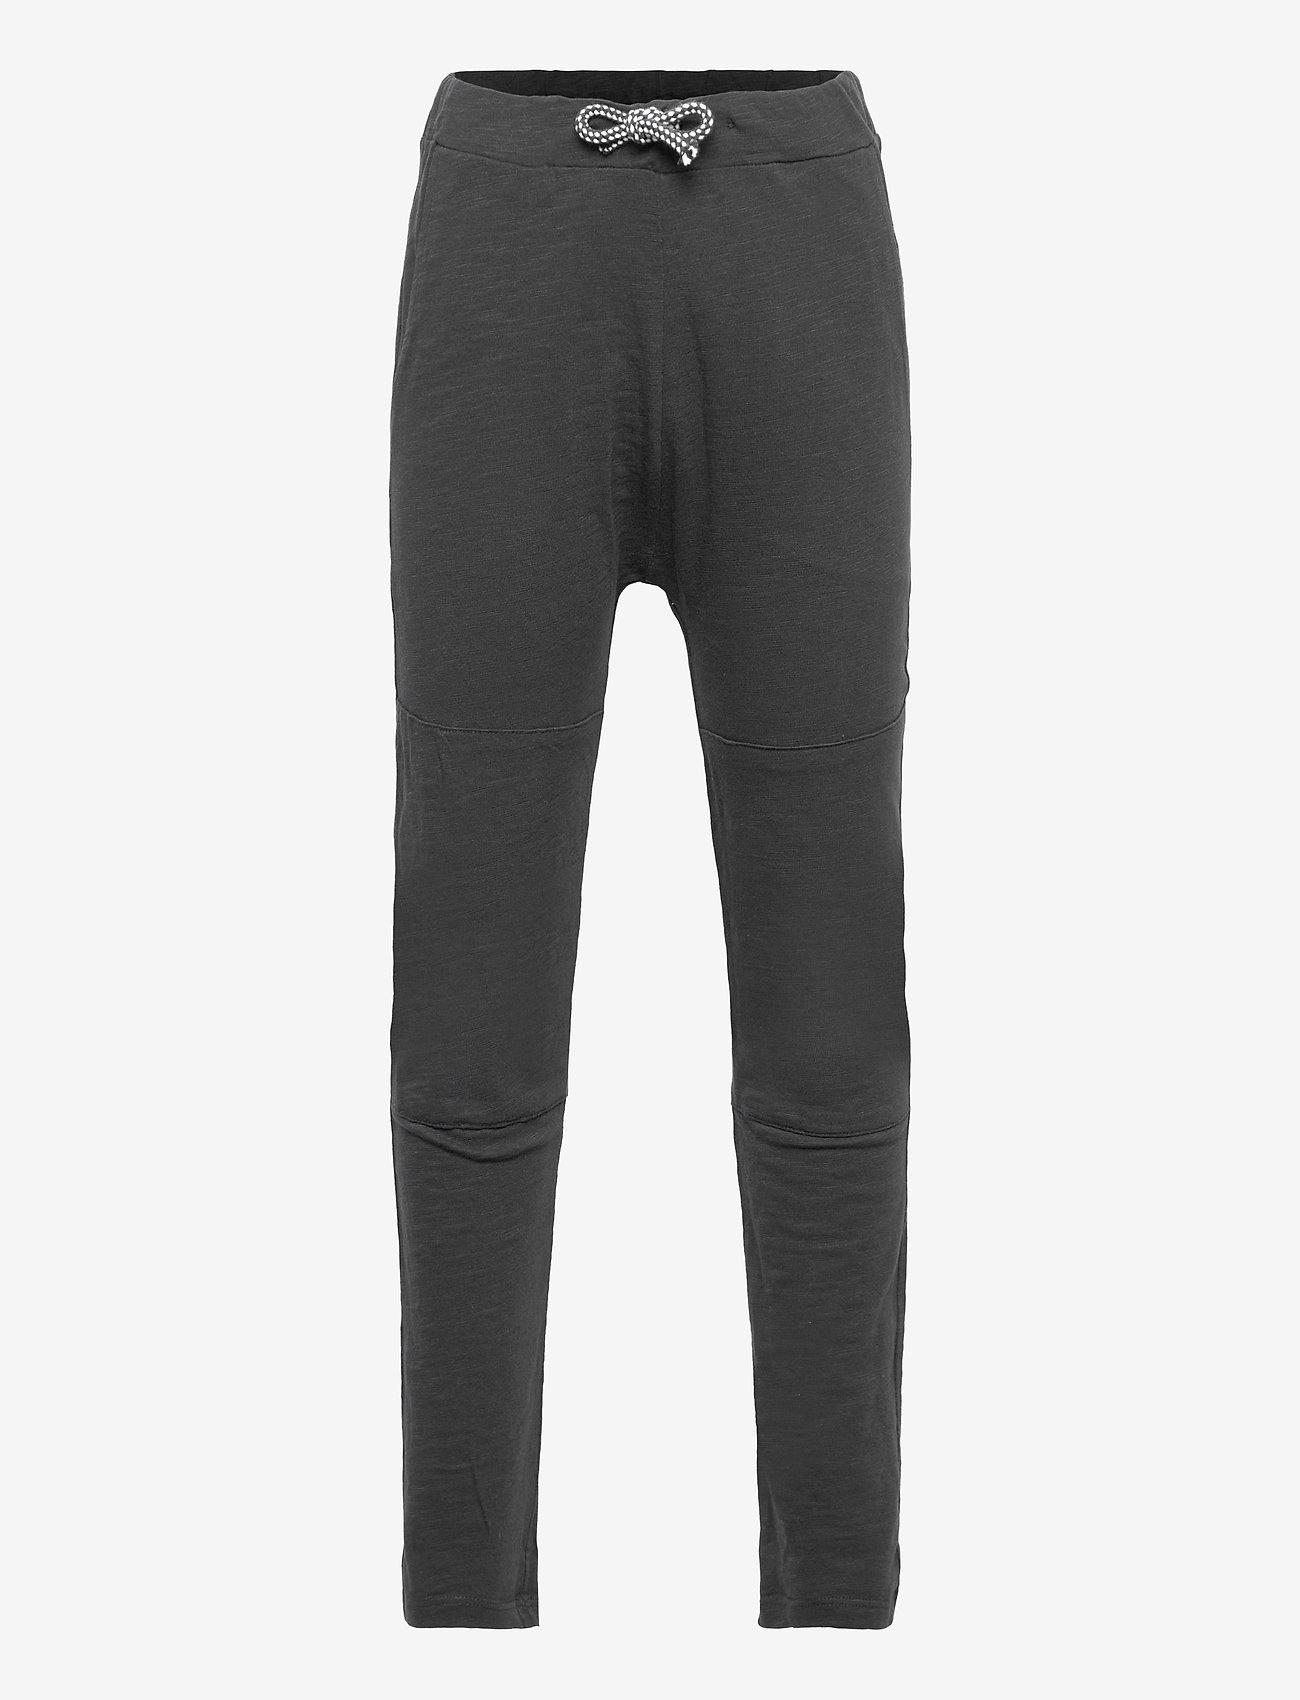 Lindex - Thin slub trousers   knee - sweatpants - black - 0